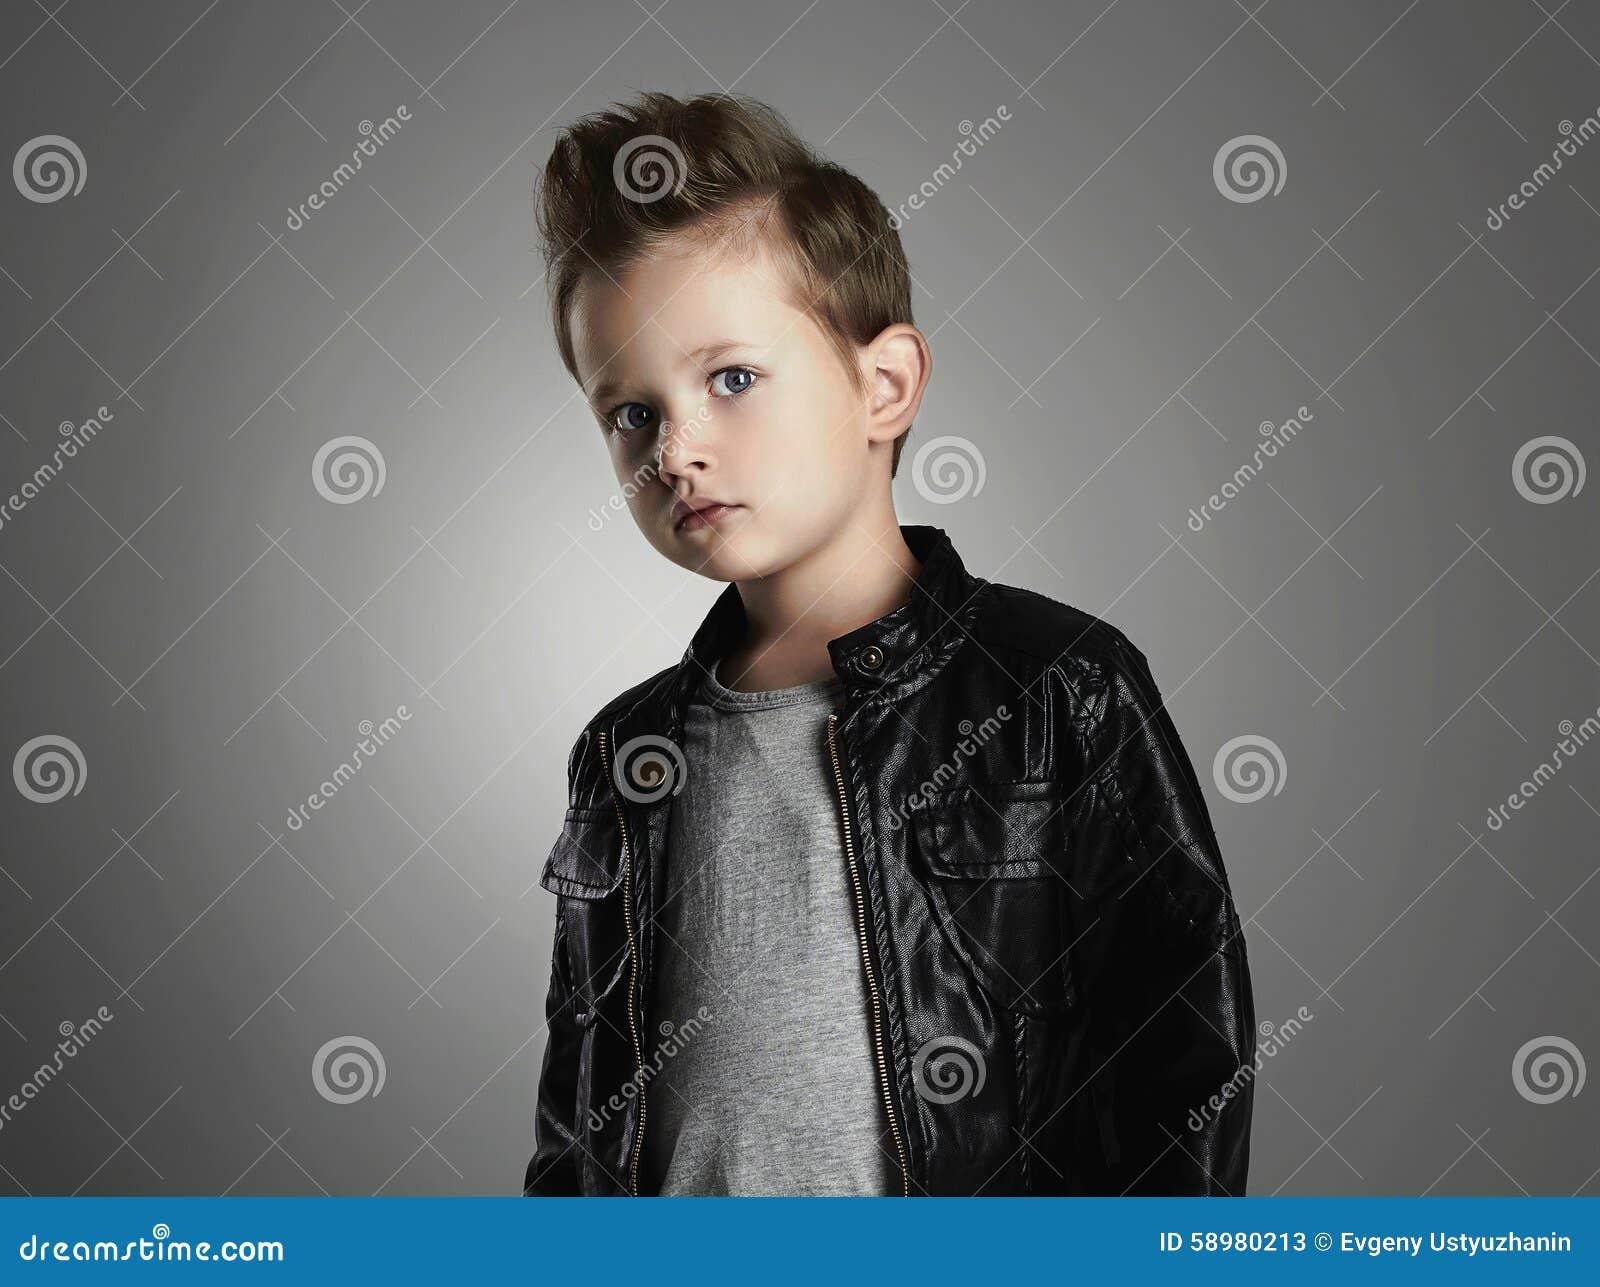 Garcon Beau Avec La Coiffure A La Mode Enfant A La Mode Dans Le